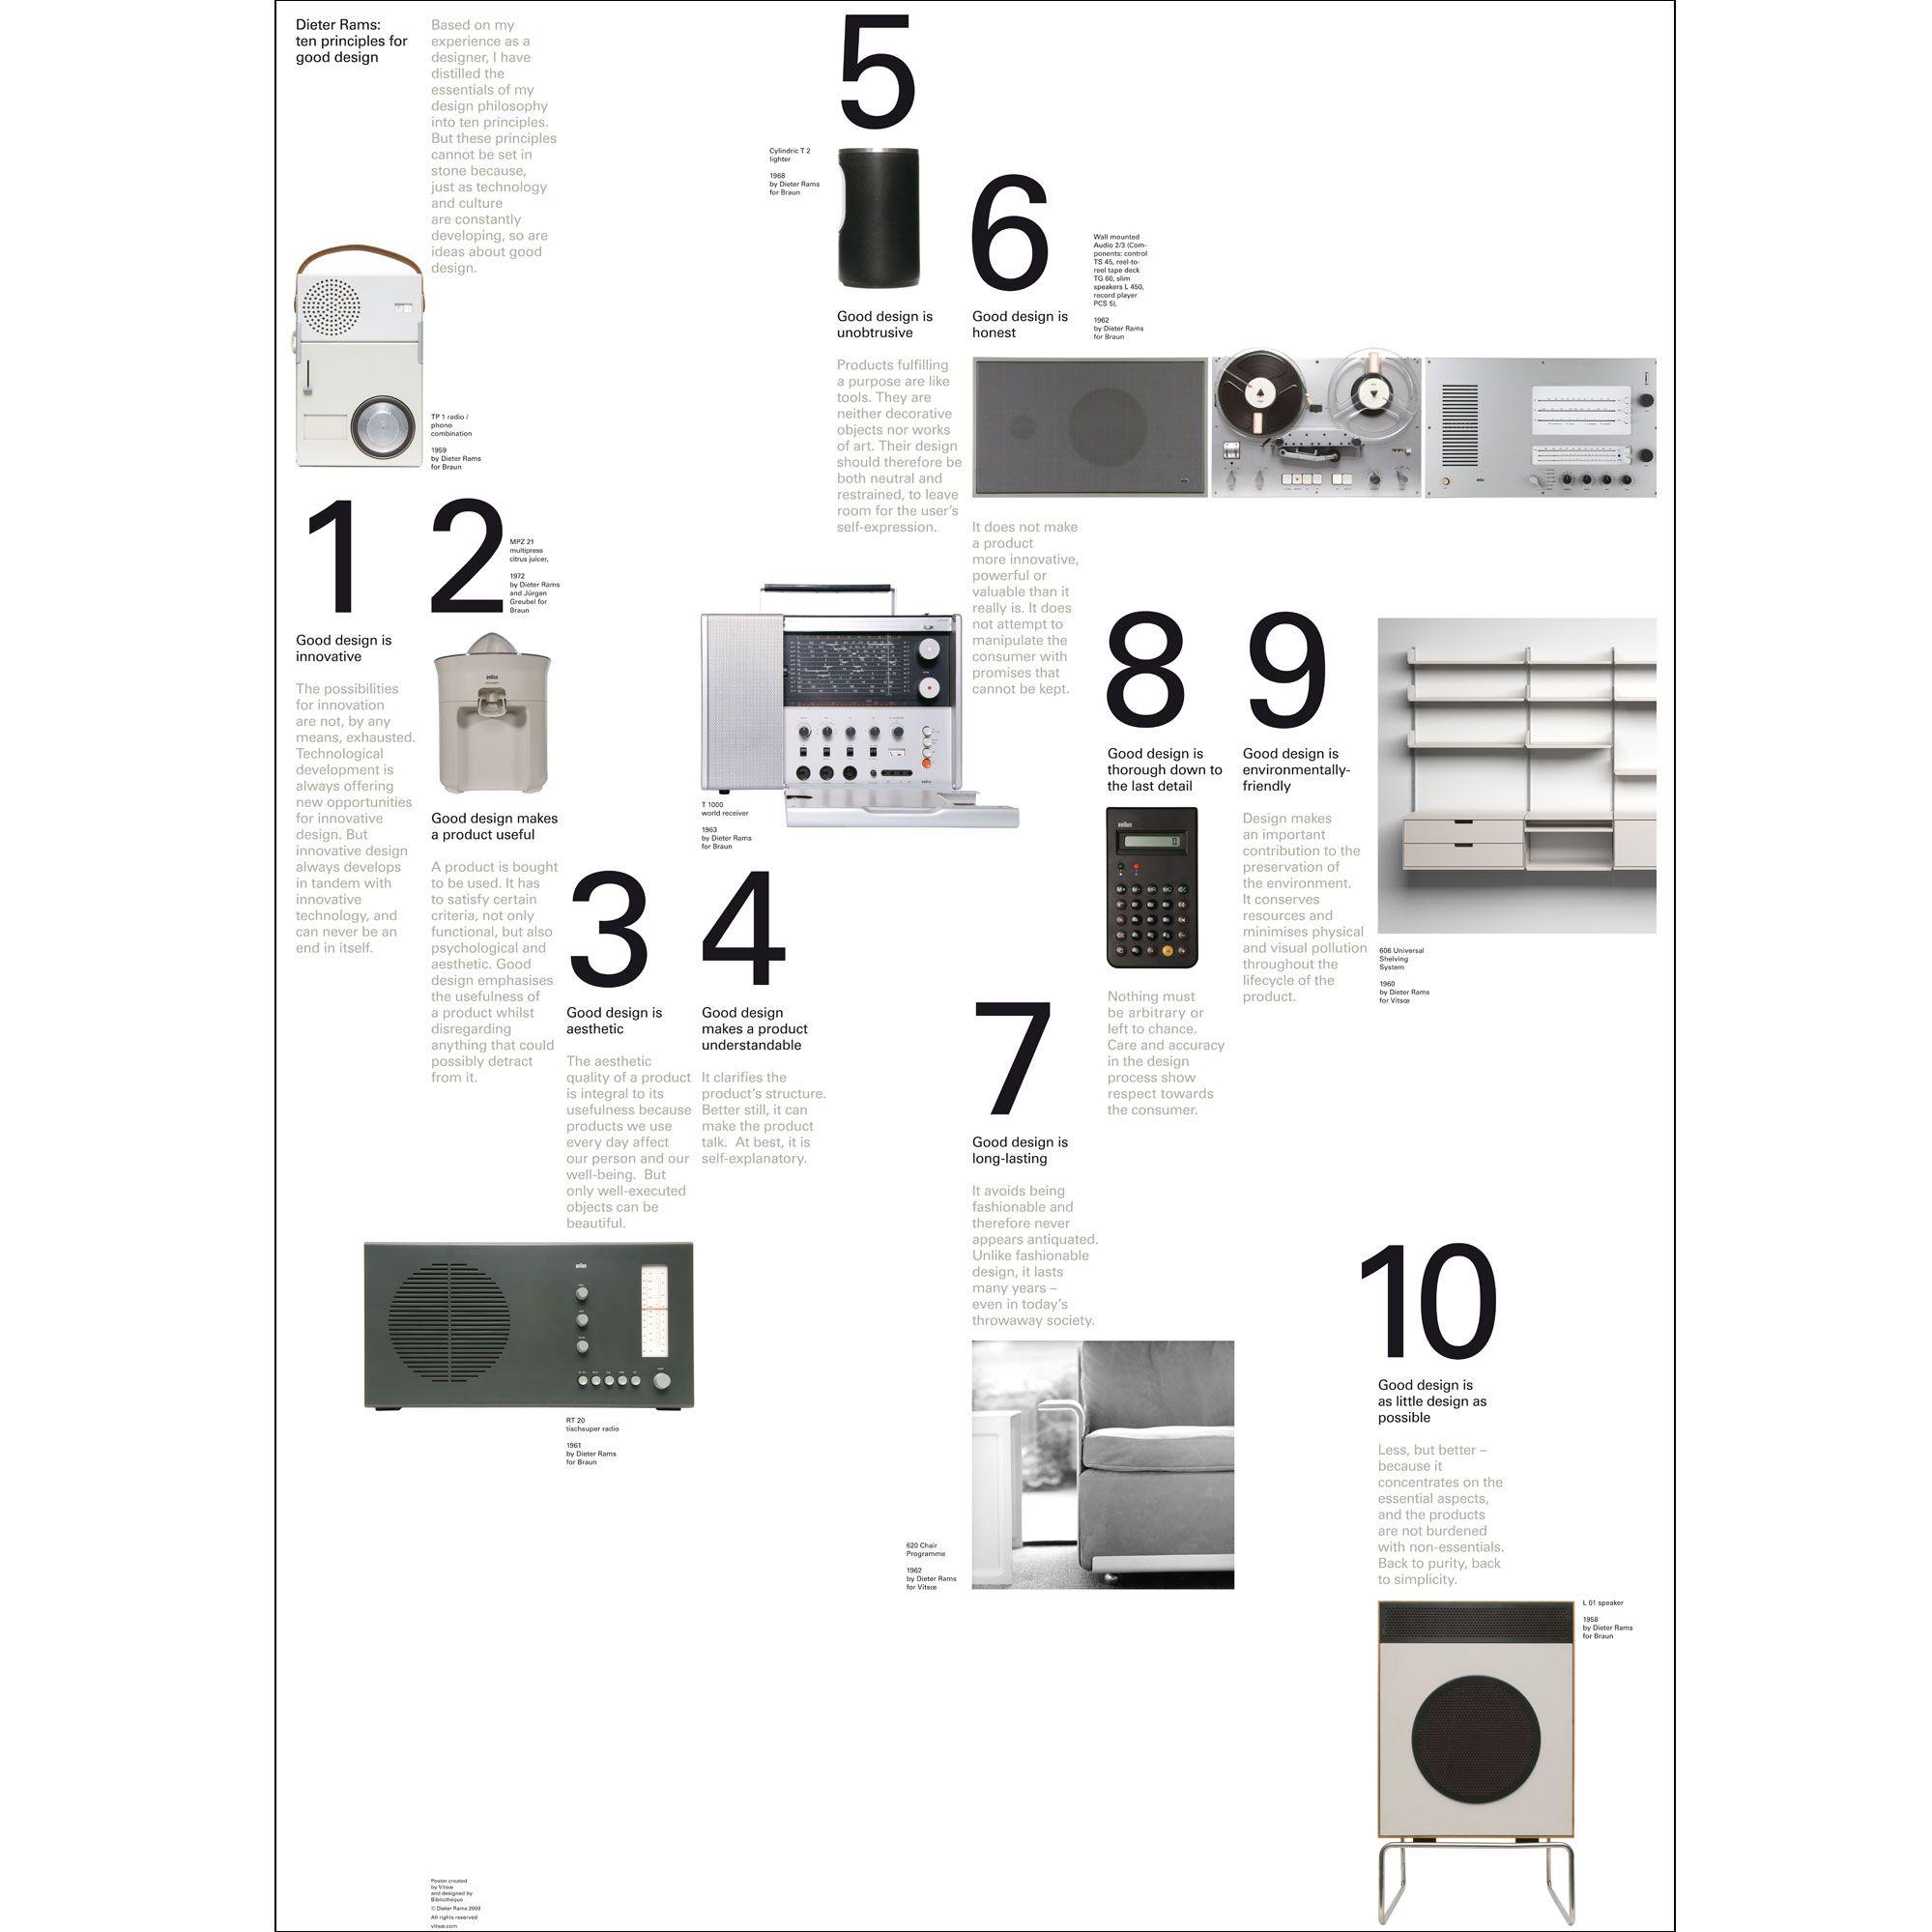 Dieter Rams - Design Principles